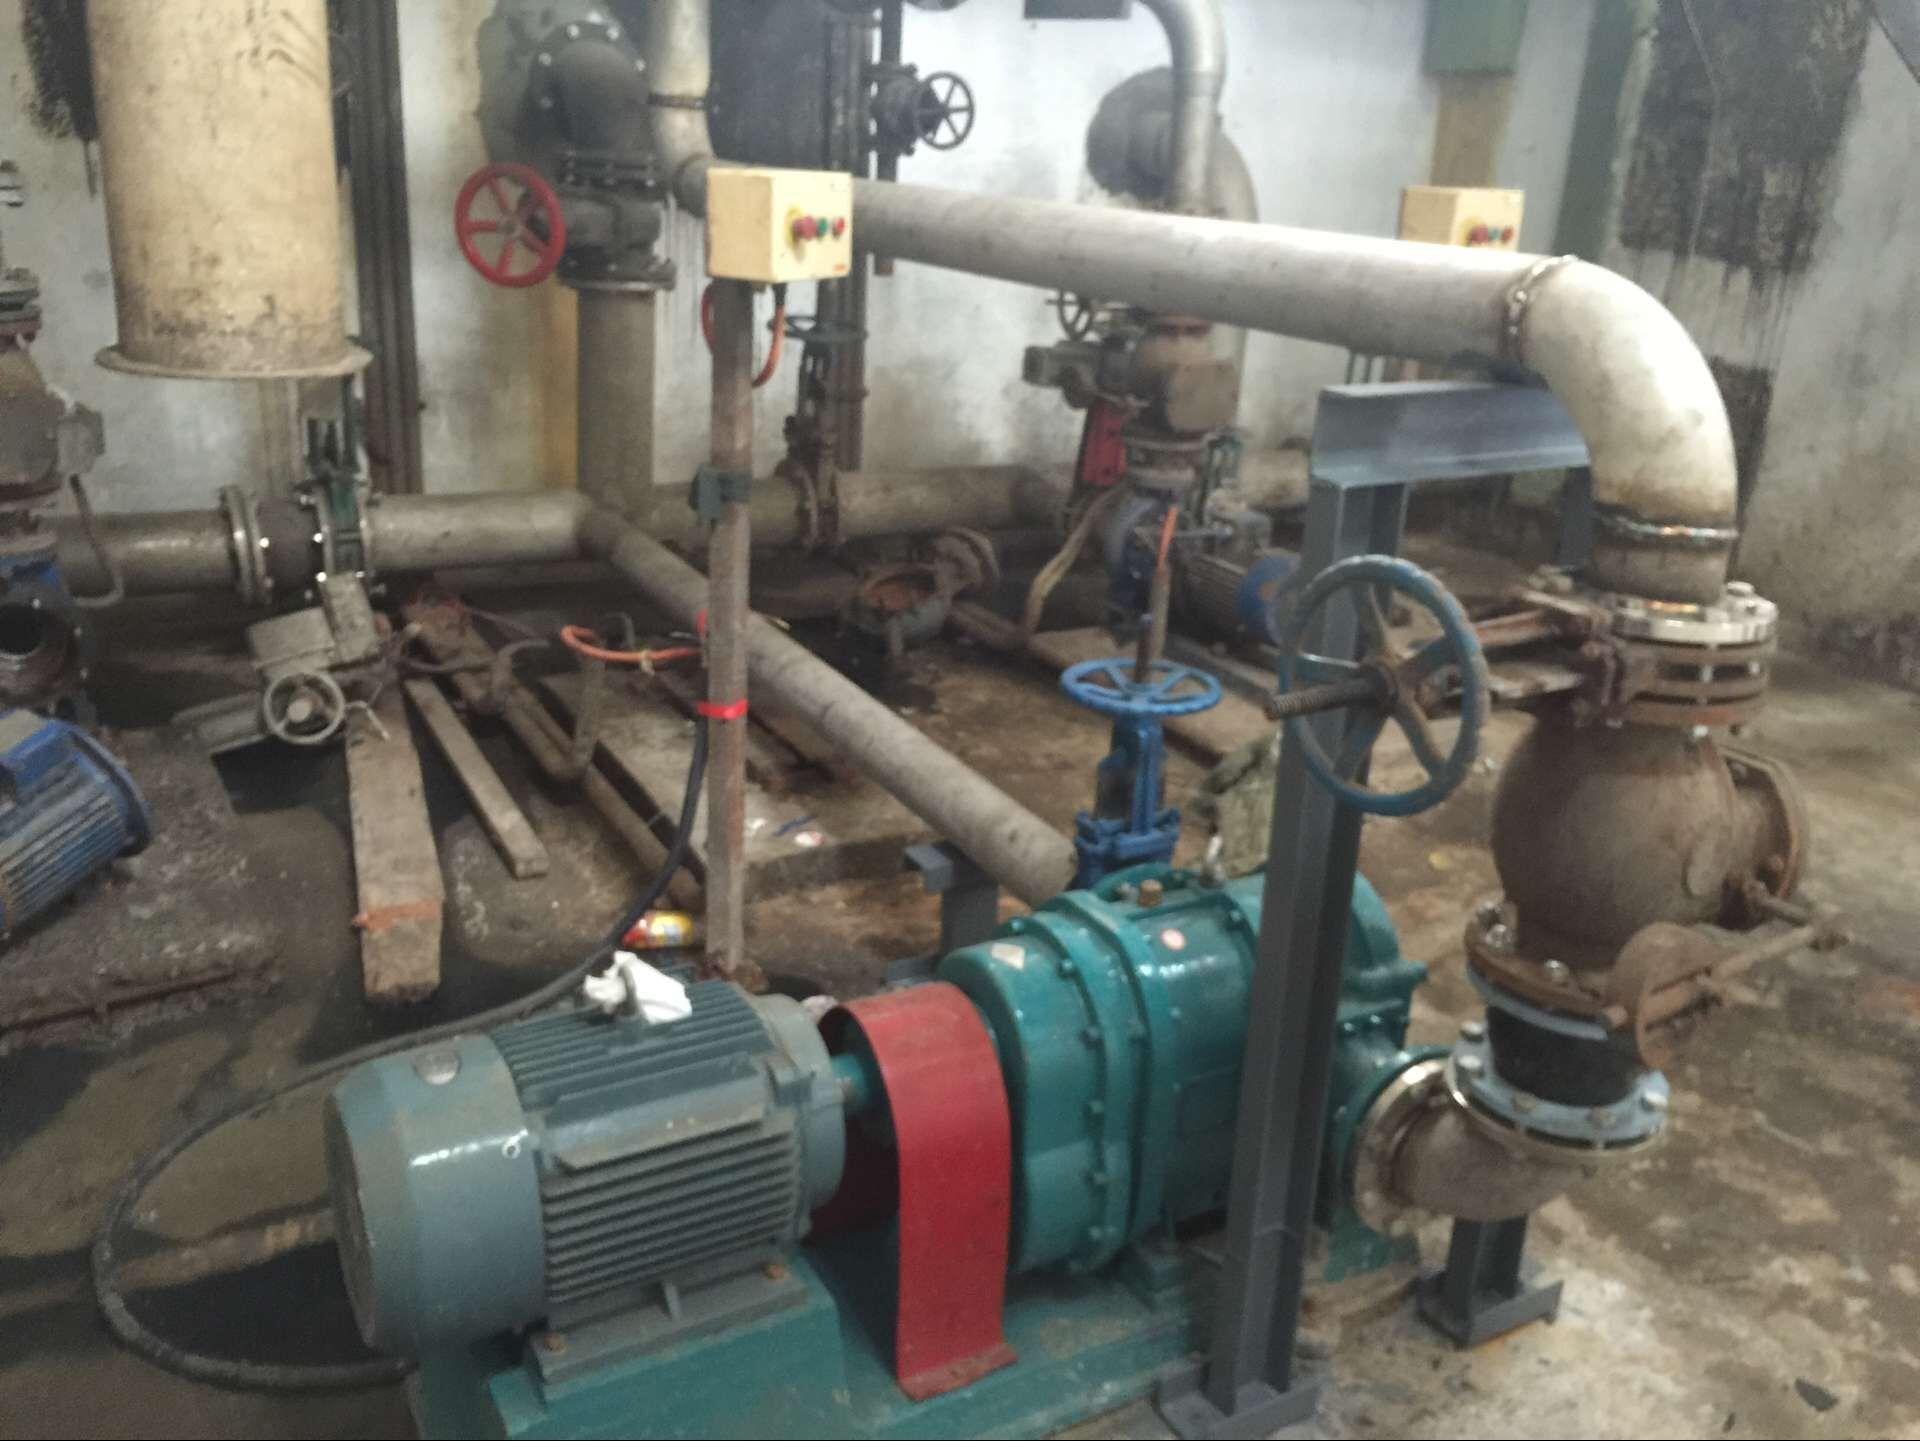 罗德凸轮转子泵青岛应用案例—剩余污泥转子泵